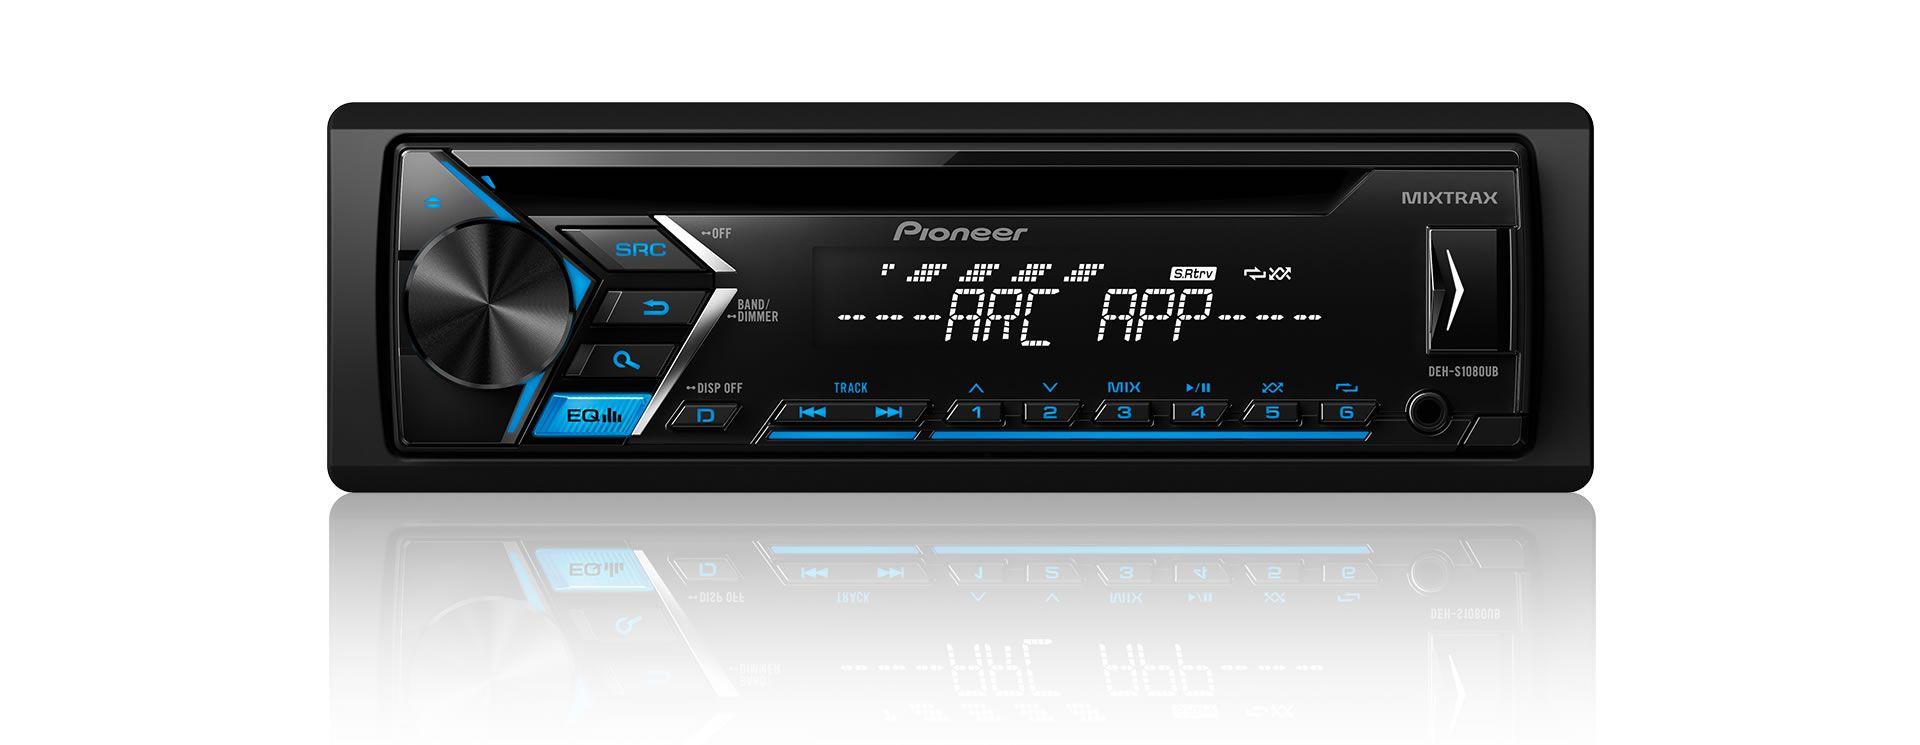 CD Player Automotivo Pioneer DEH-S1080UB, Entrada USB, Reproduz MP3, Mixtrax , Controle Remoto